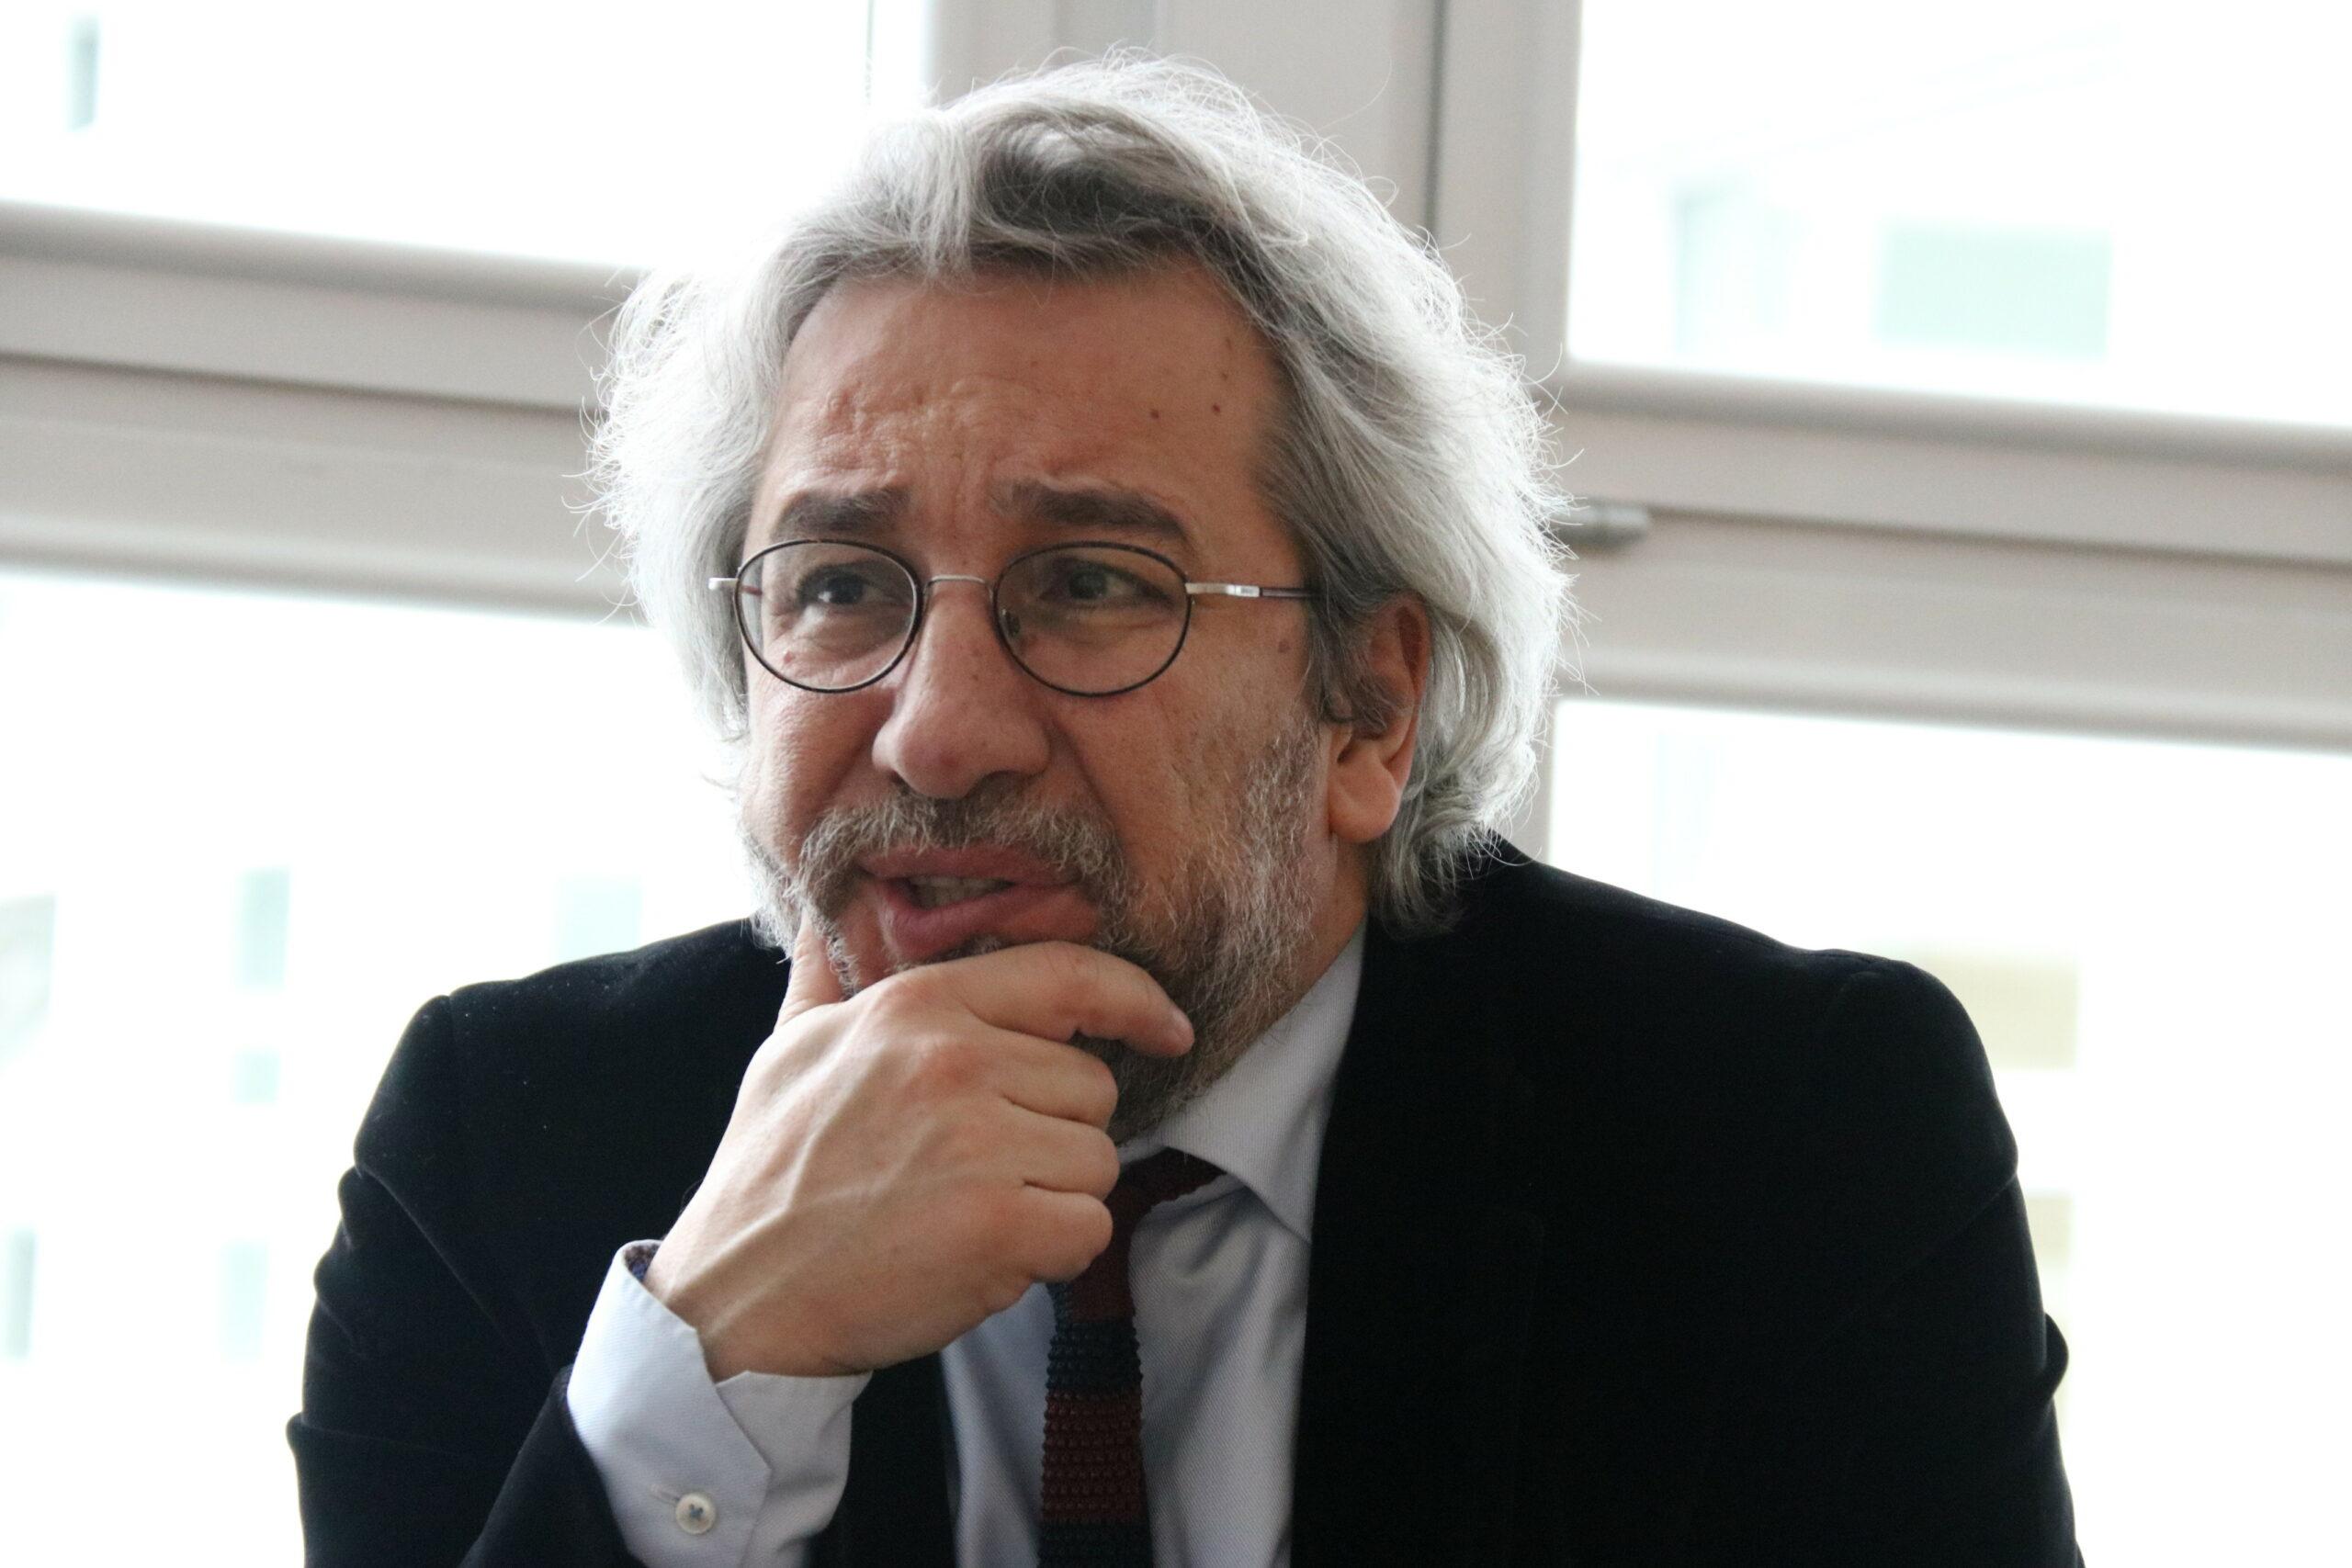 Primer pla del periodista turc exiliat a alemanya, Can Dündar | ACN